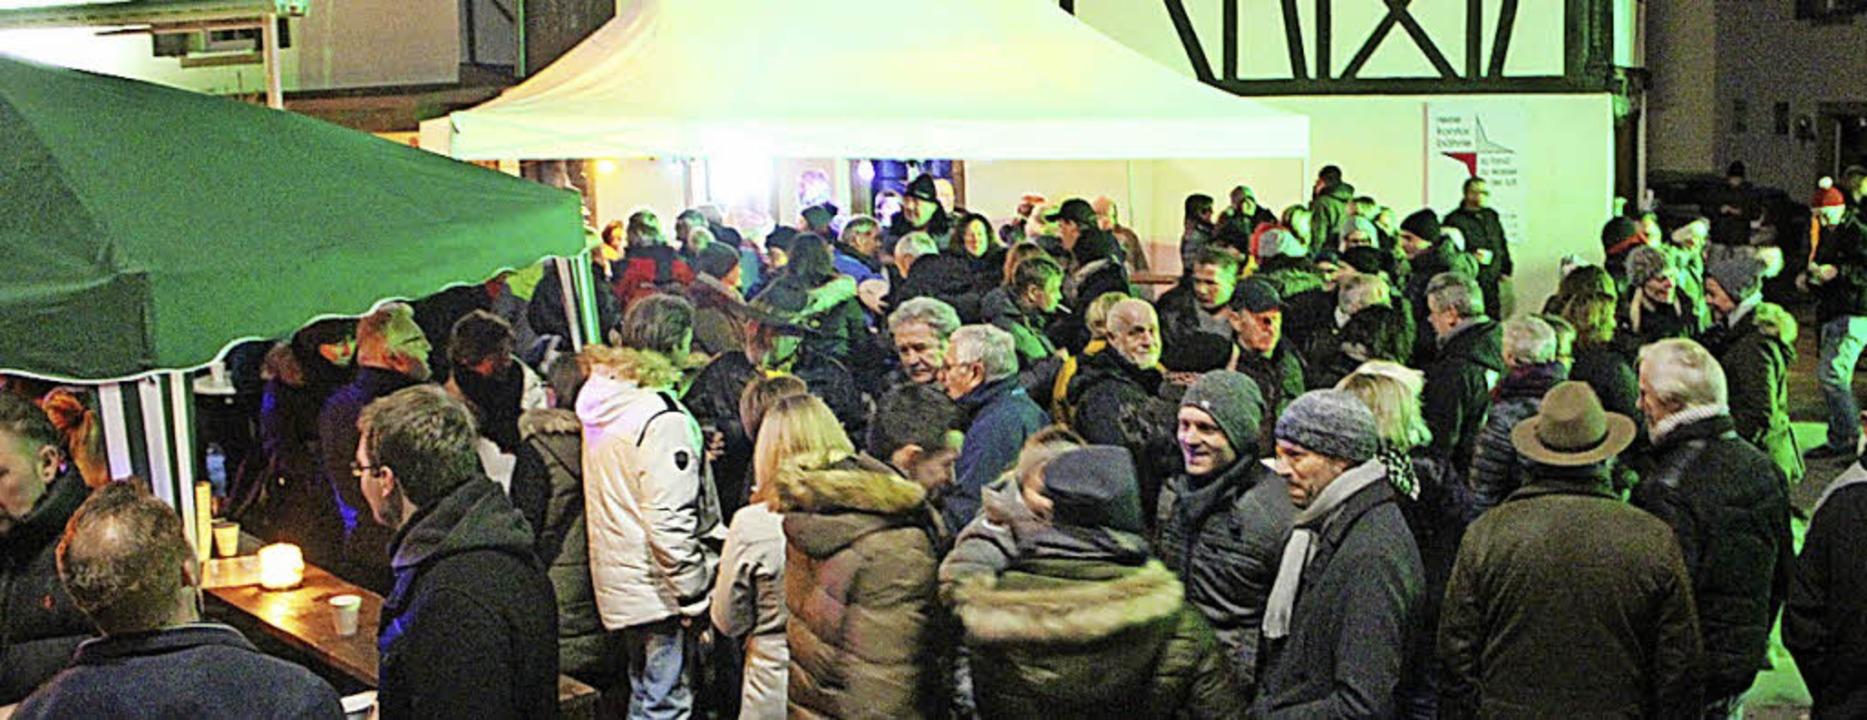 Bei Hans Glögglers Weihnachtsparty auf...latz herrschte ausgelassene Stimmung.   | Foto: Anja Bertsch